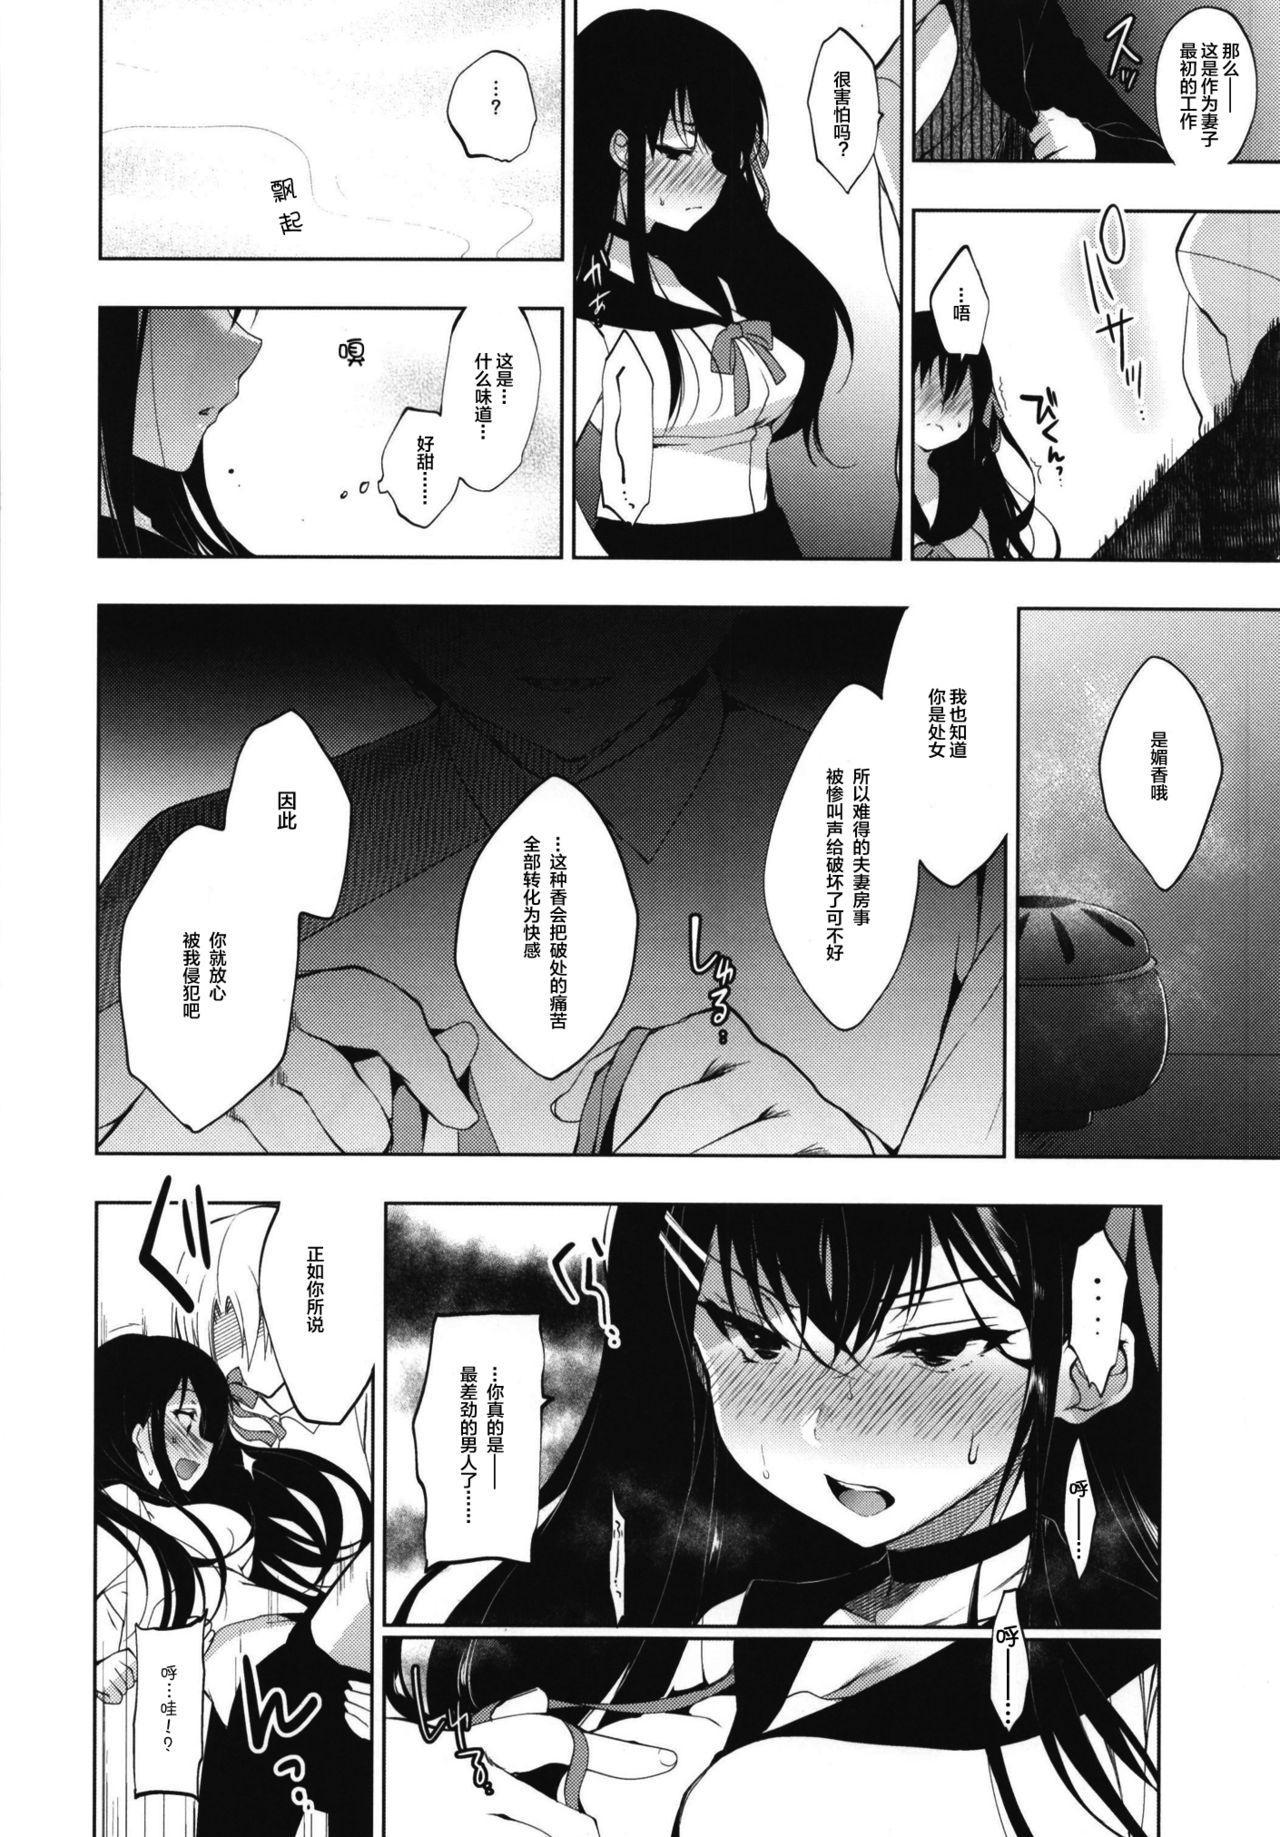 Hanayome Seifuku 8